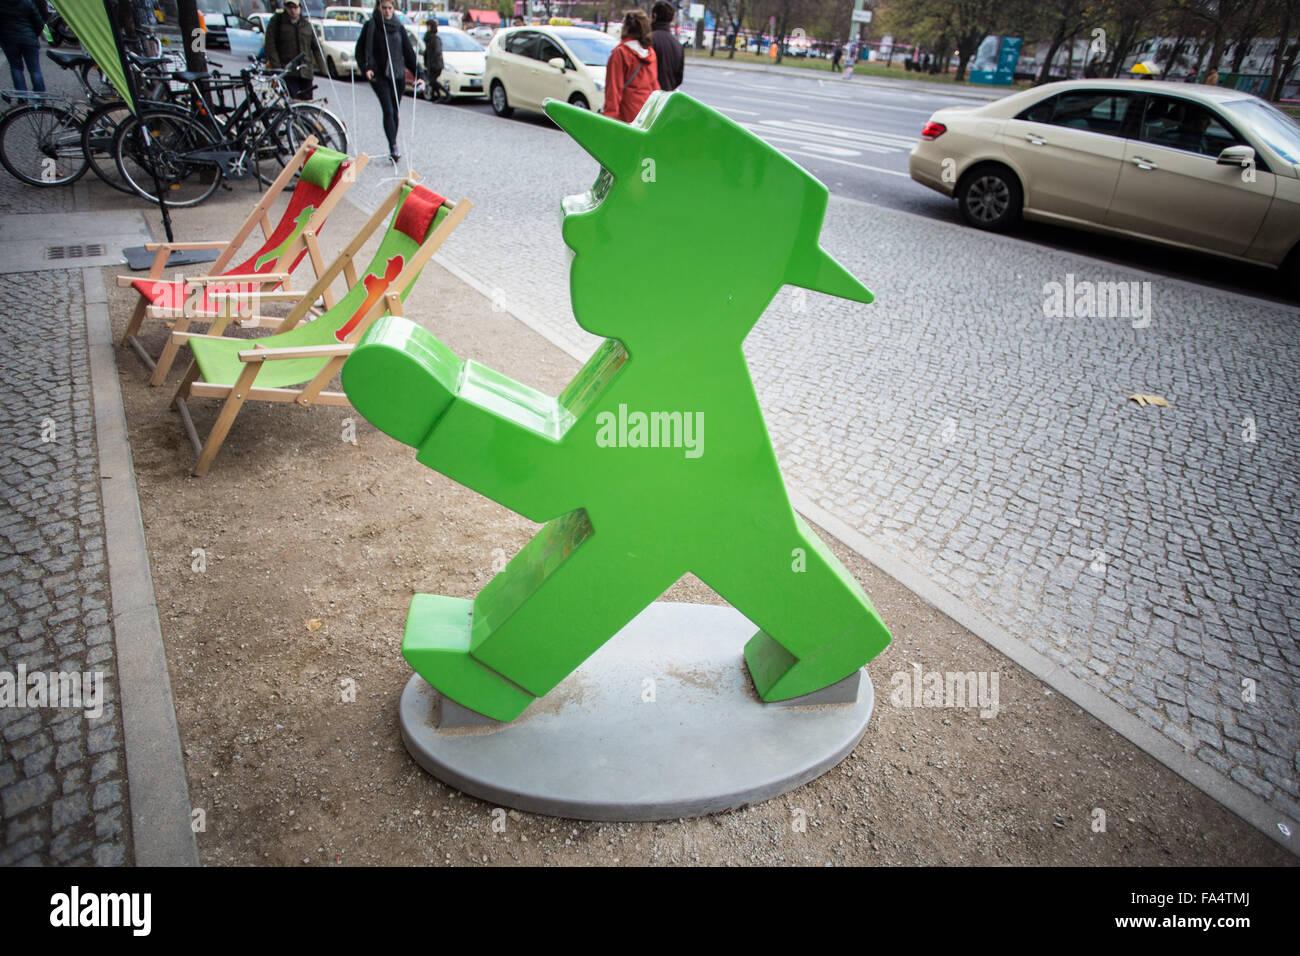 Ampelmann-Modell vor einem Geschäft in Berlin Stockfoto